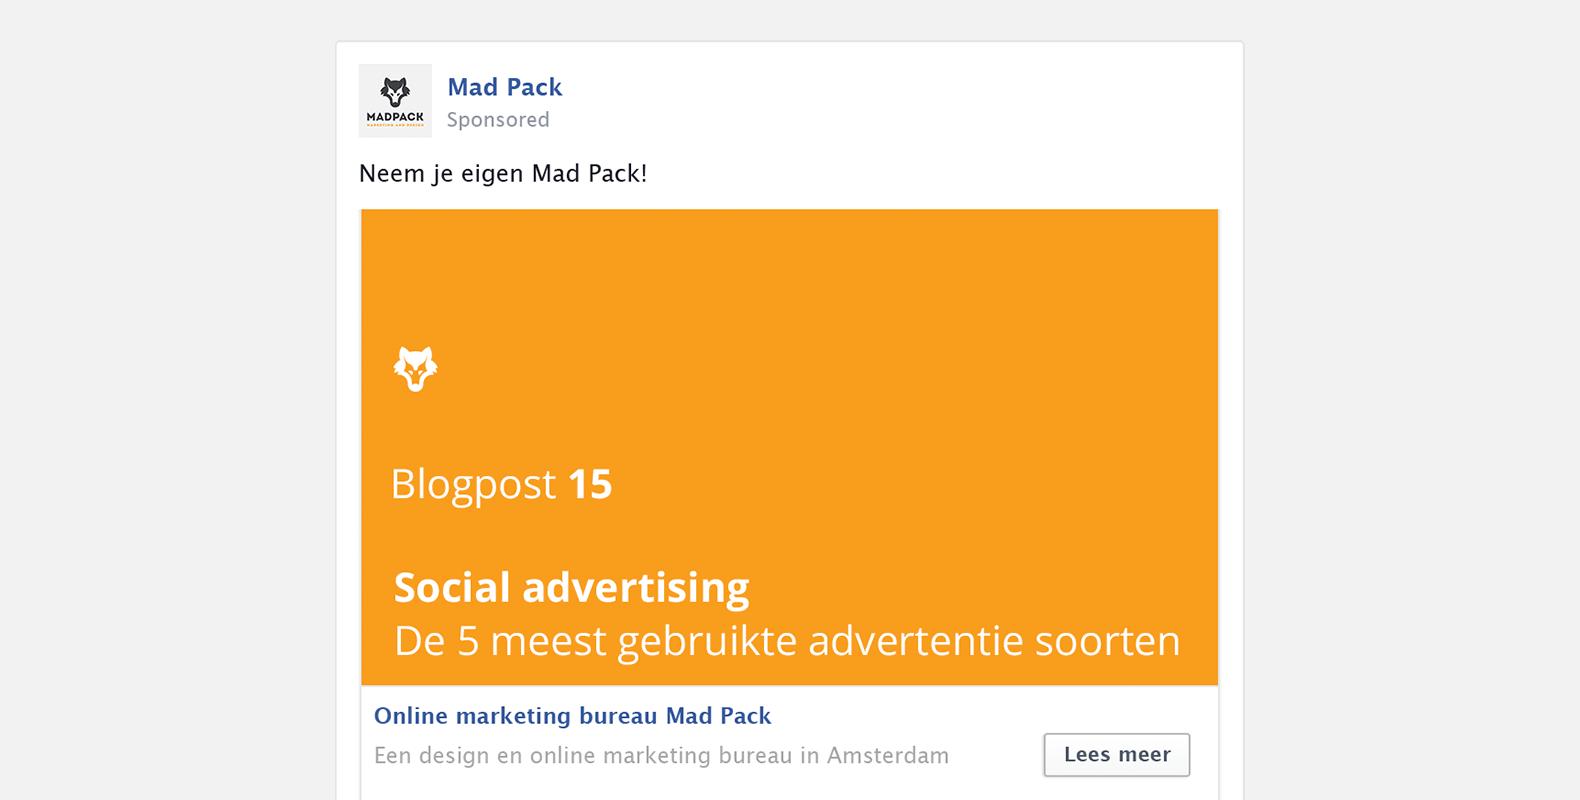 Social advertising: de 5 meest gebruikte advertentie soorten